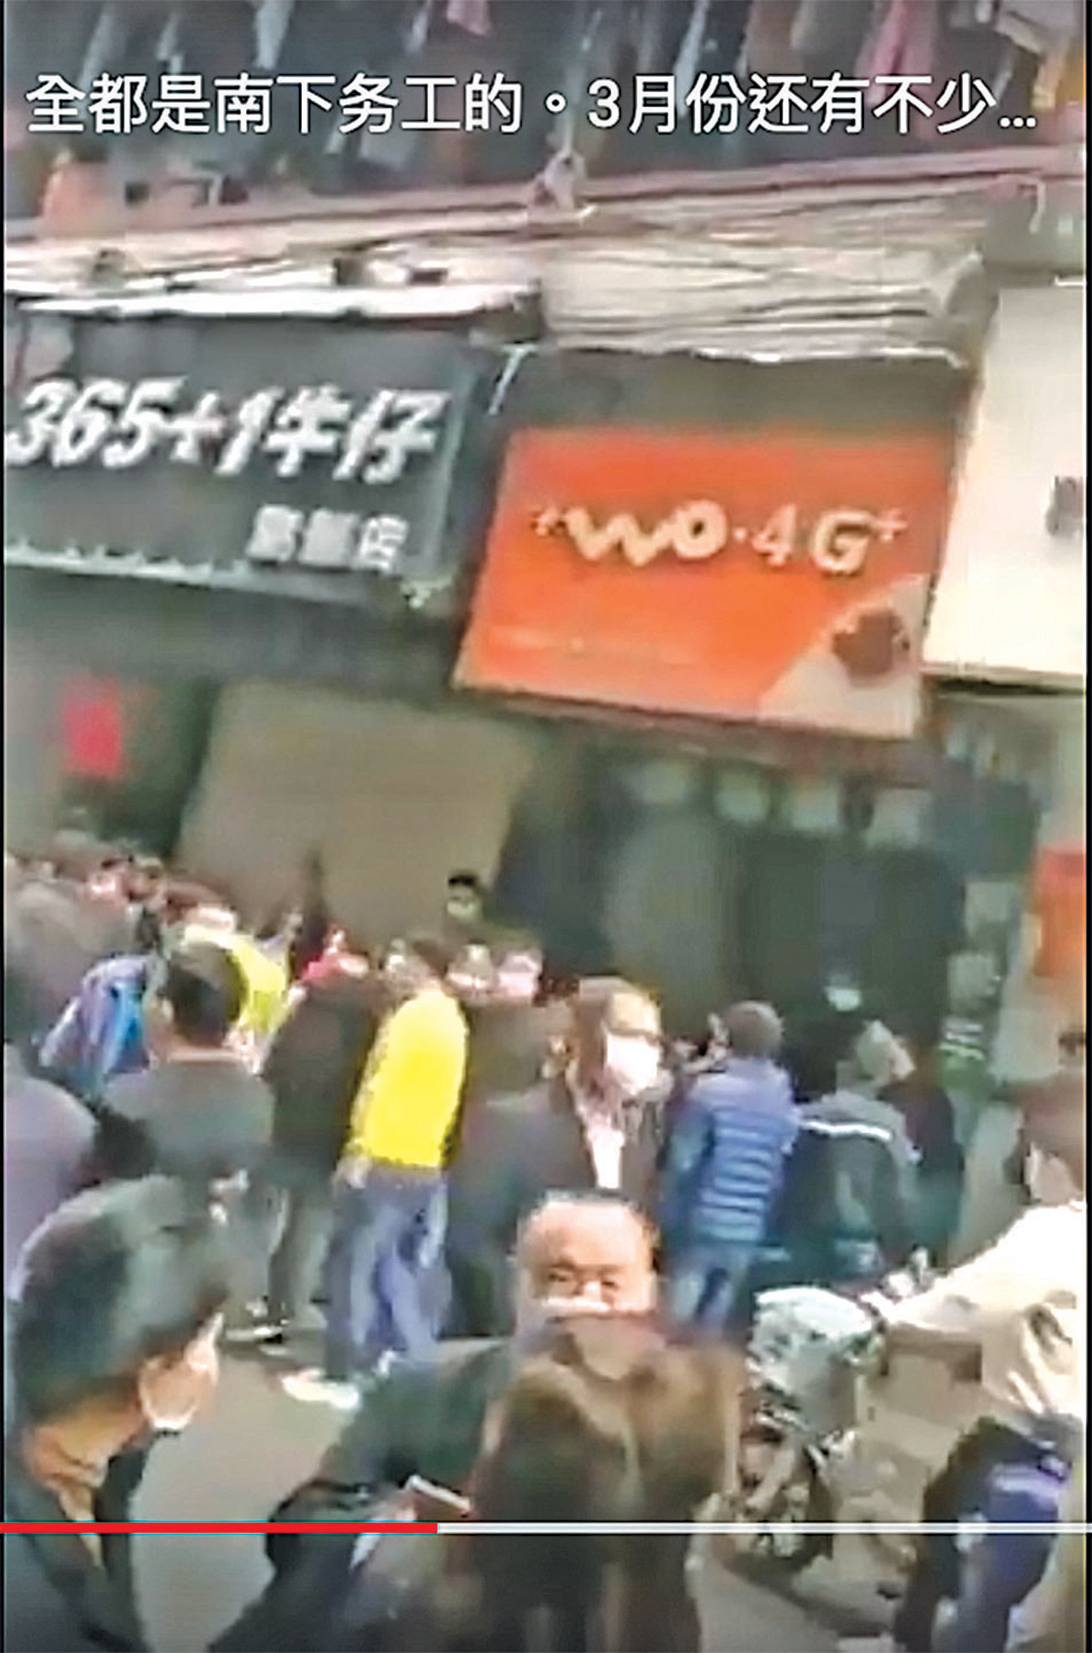 中國南方某地勞務工人員大批失業。(影片頻截圖)